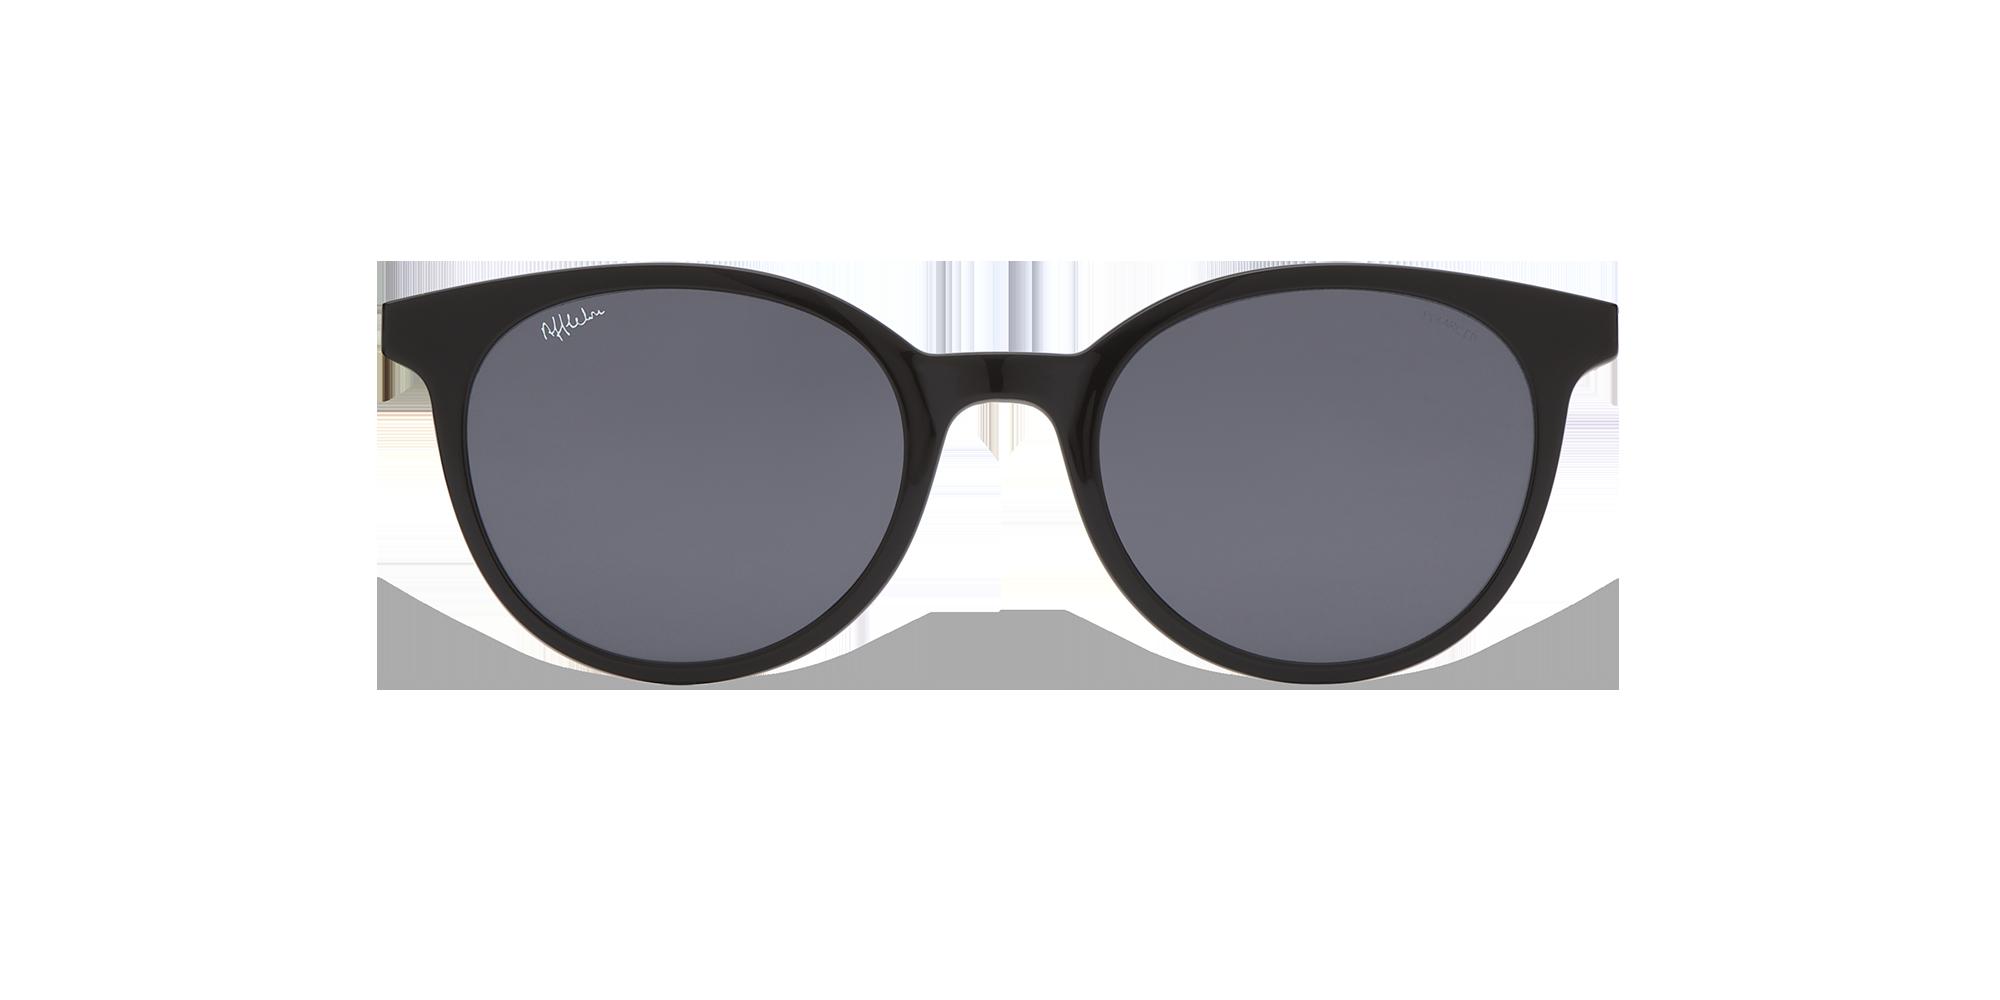 afflelou/france/products/smart_clip/clips_glasses/TMK36POBR014819.png